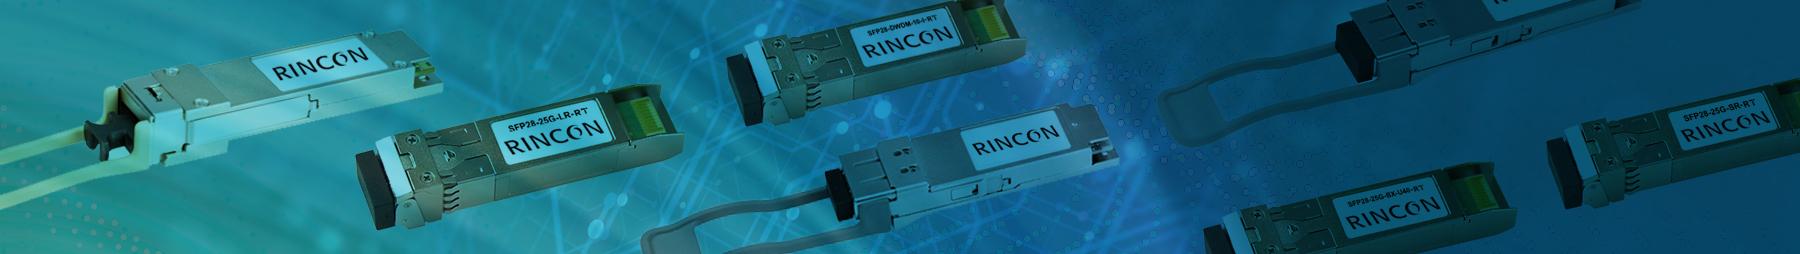 Cisco NCS 6000